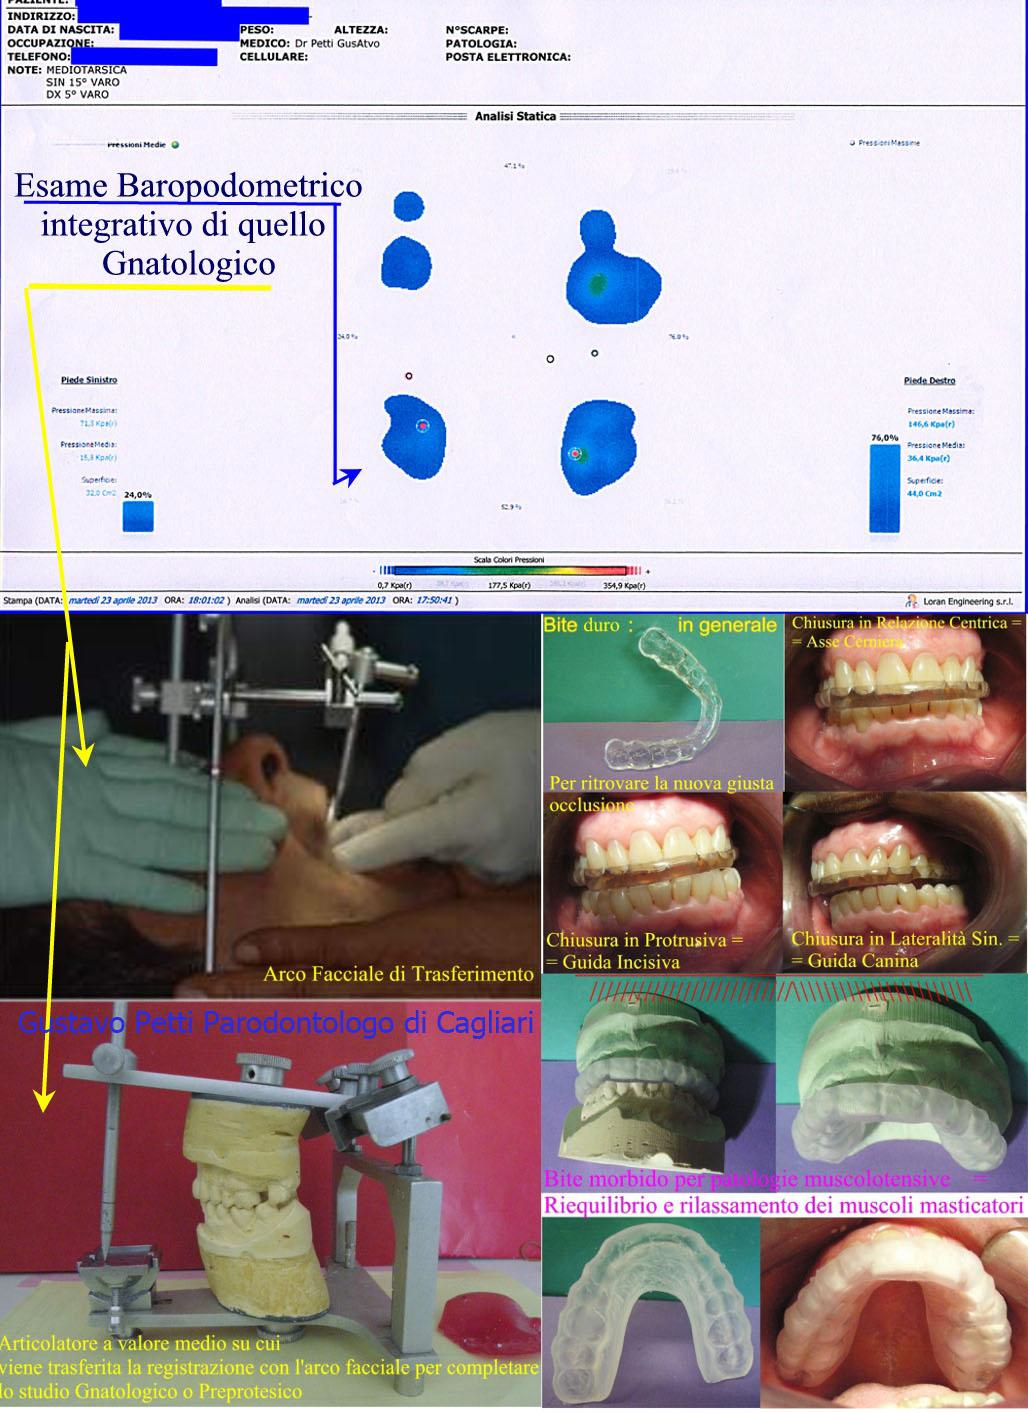 analisi-gnatologica-dr-g.petti-cagliari-2512.jpg